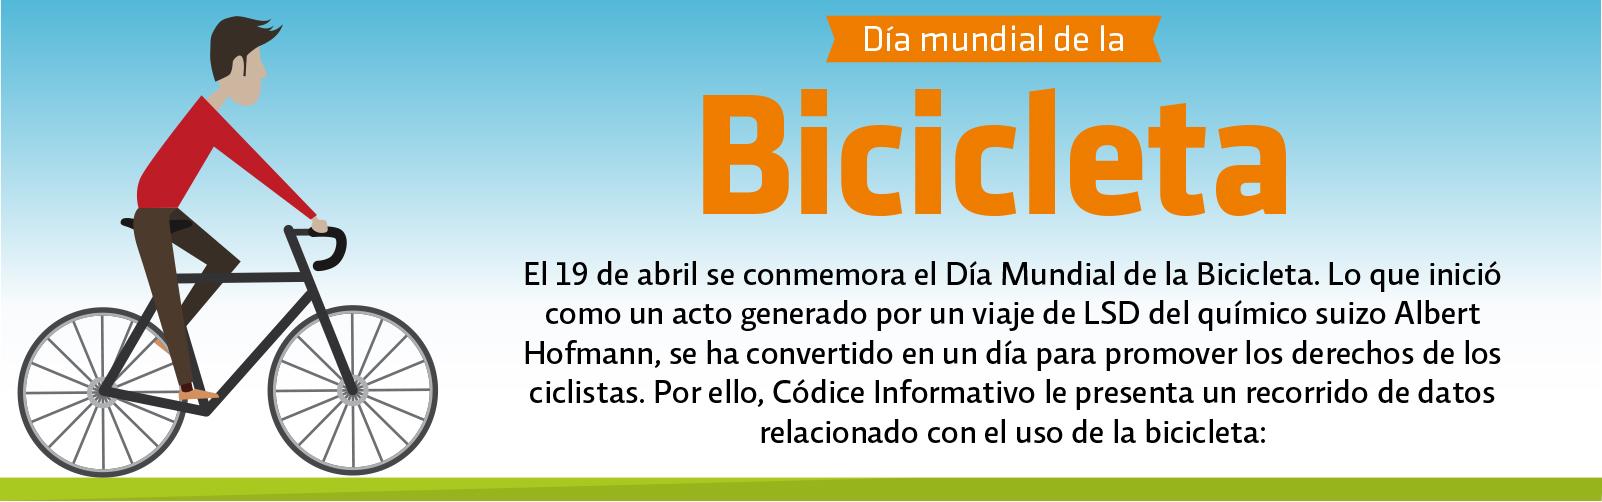 BANNER-bici-info